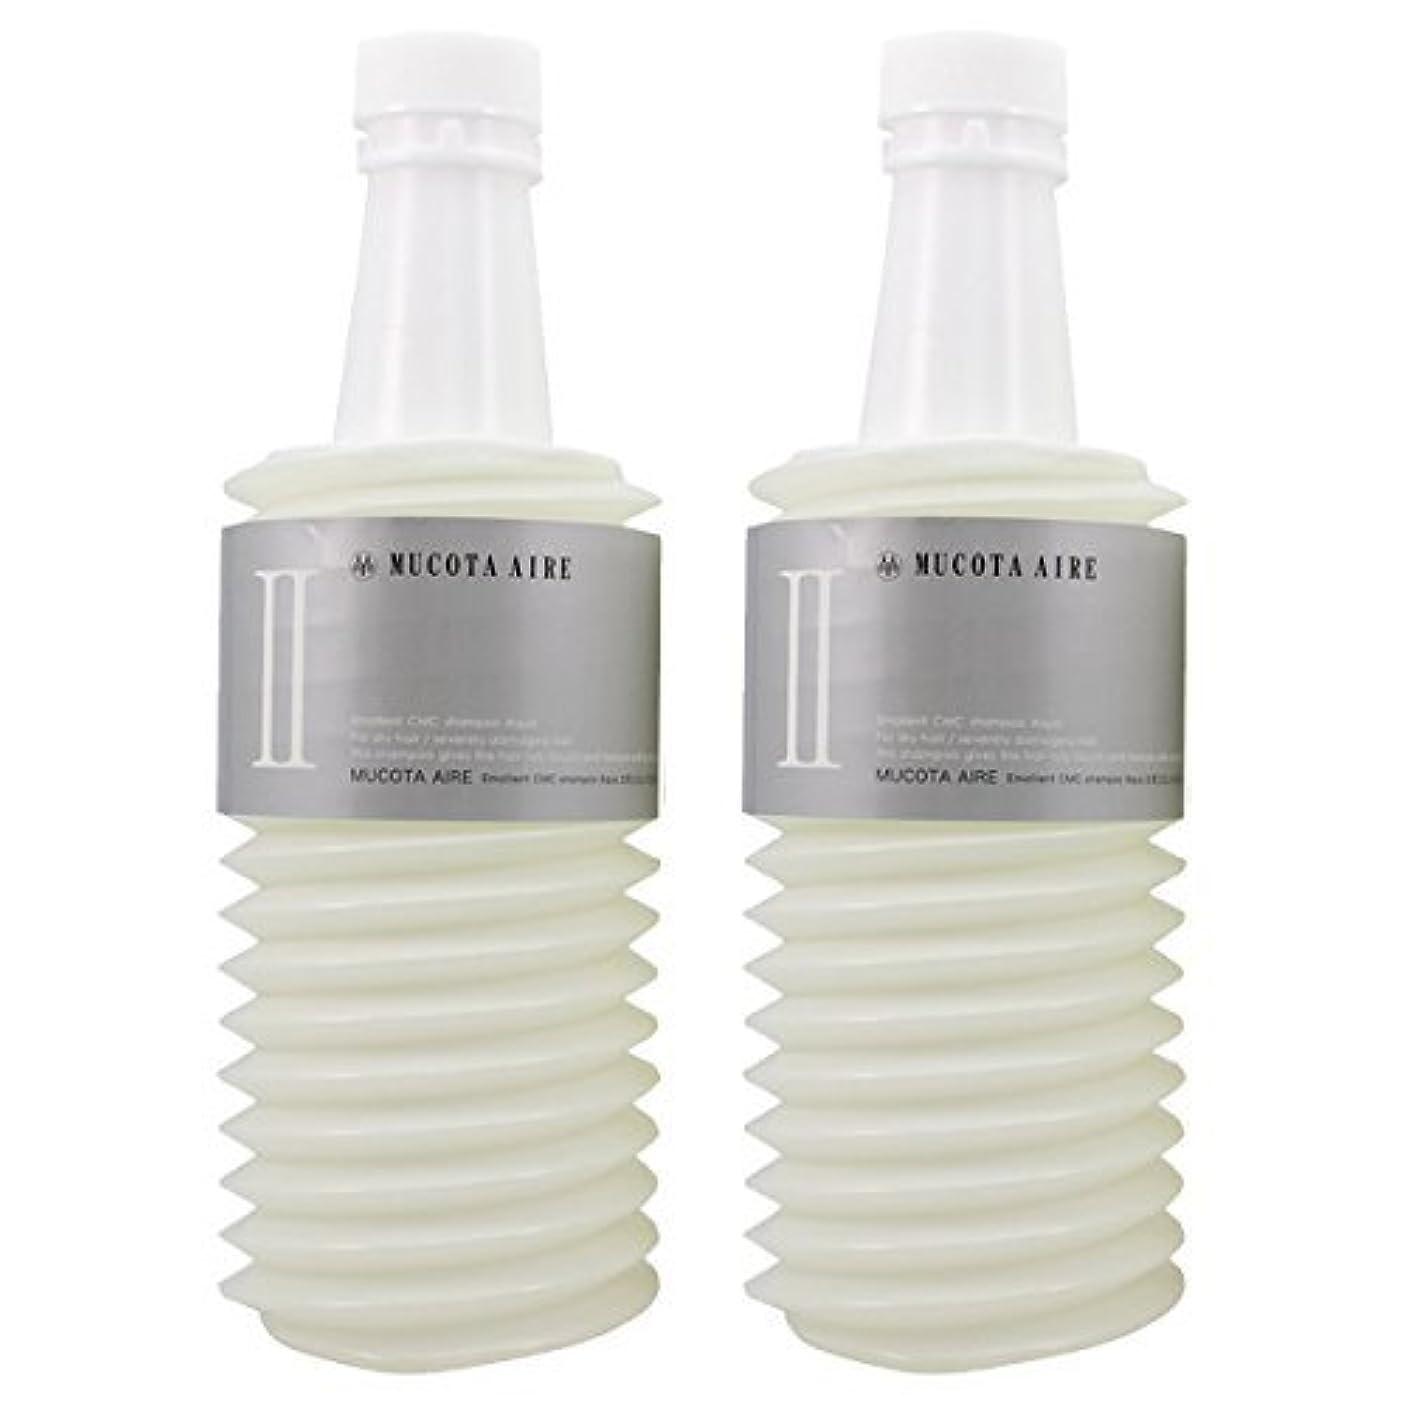 責任地殻湿度?x2個セット? ムコタ アデューラ アイレ02 エモリエントCMCシャンプー アクア 700ml(レフィル) 美容室 サロン専売品 詰め替え